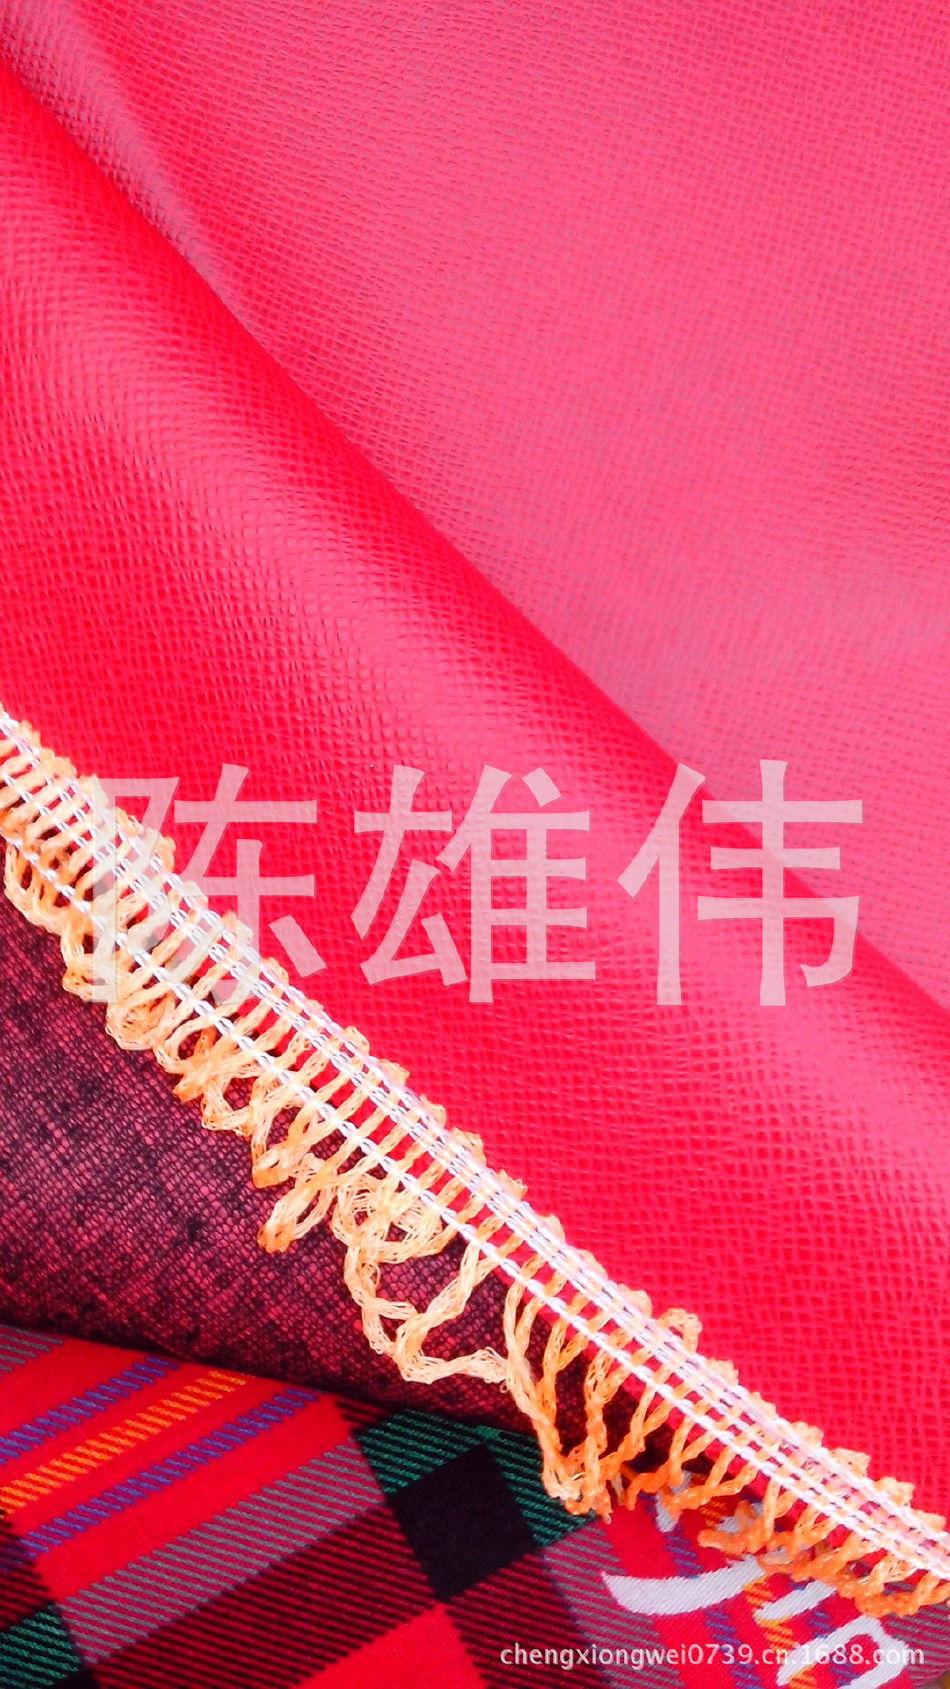 厂家供应皮革桌布 加厚皮子桌罩 皮子桌罩销售示例图6